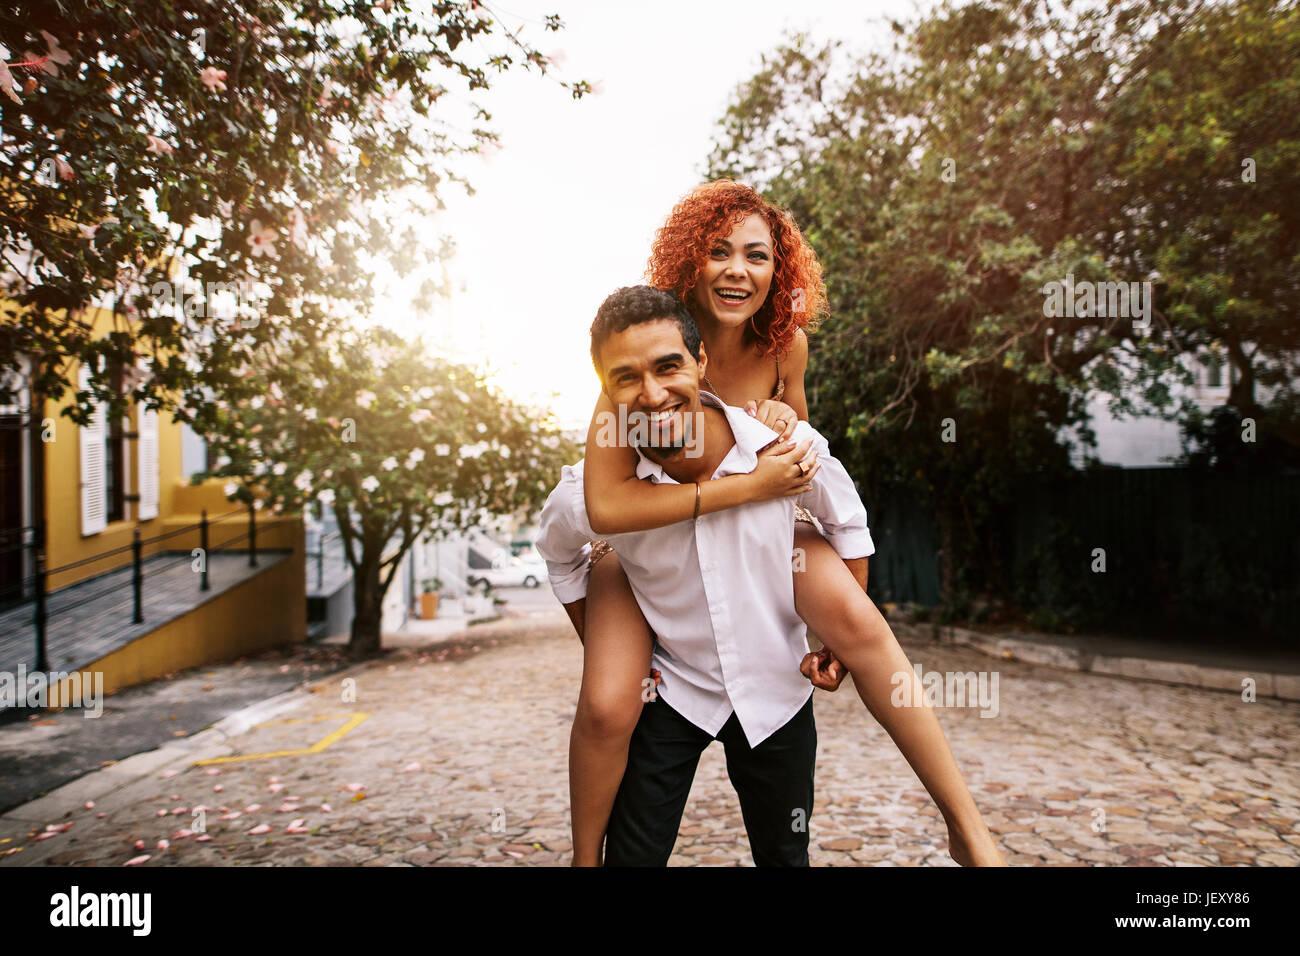 Junger Mann mit seiner Partnerin auf dem Rücken in einer spielerischen Stimmung während des Gehens auf Stockbild